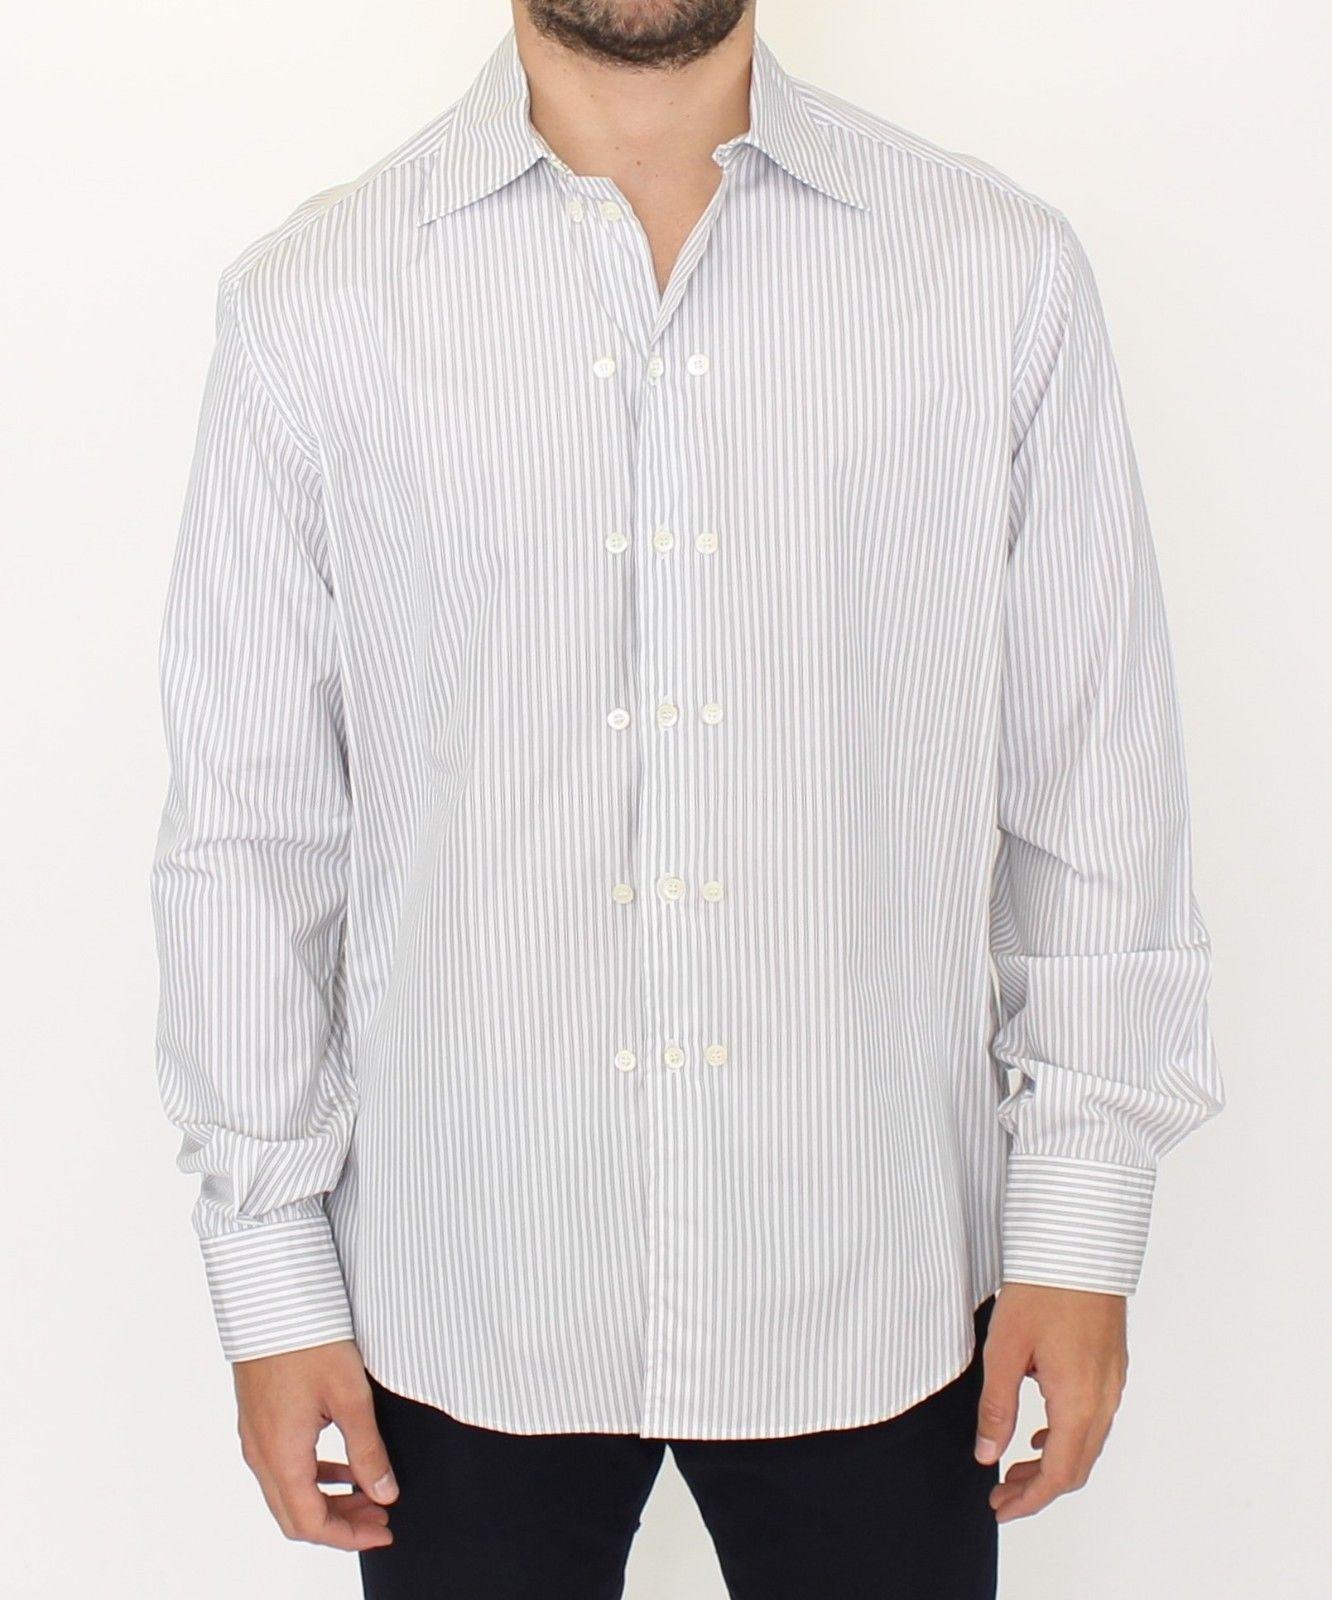 Ermanno Scervino Men's Striped Regular Fit Shirt White SIG10176 - IT50   L